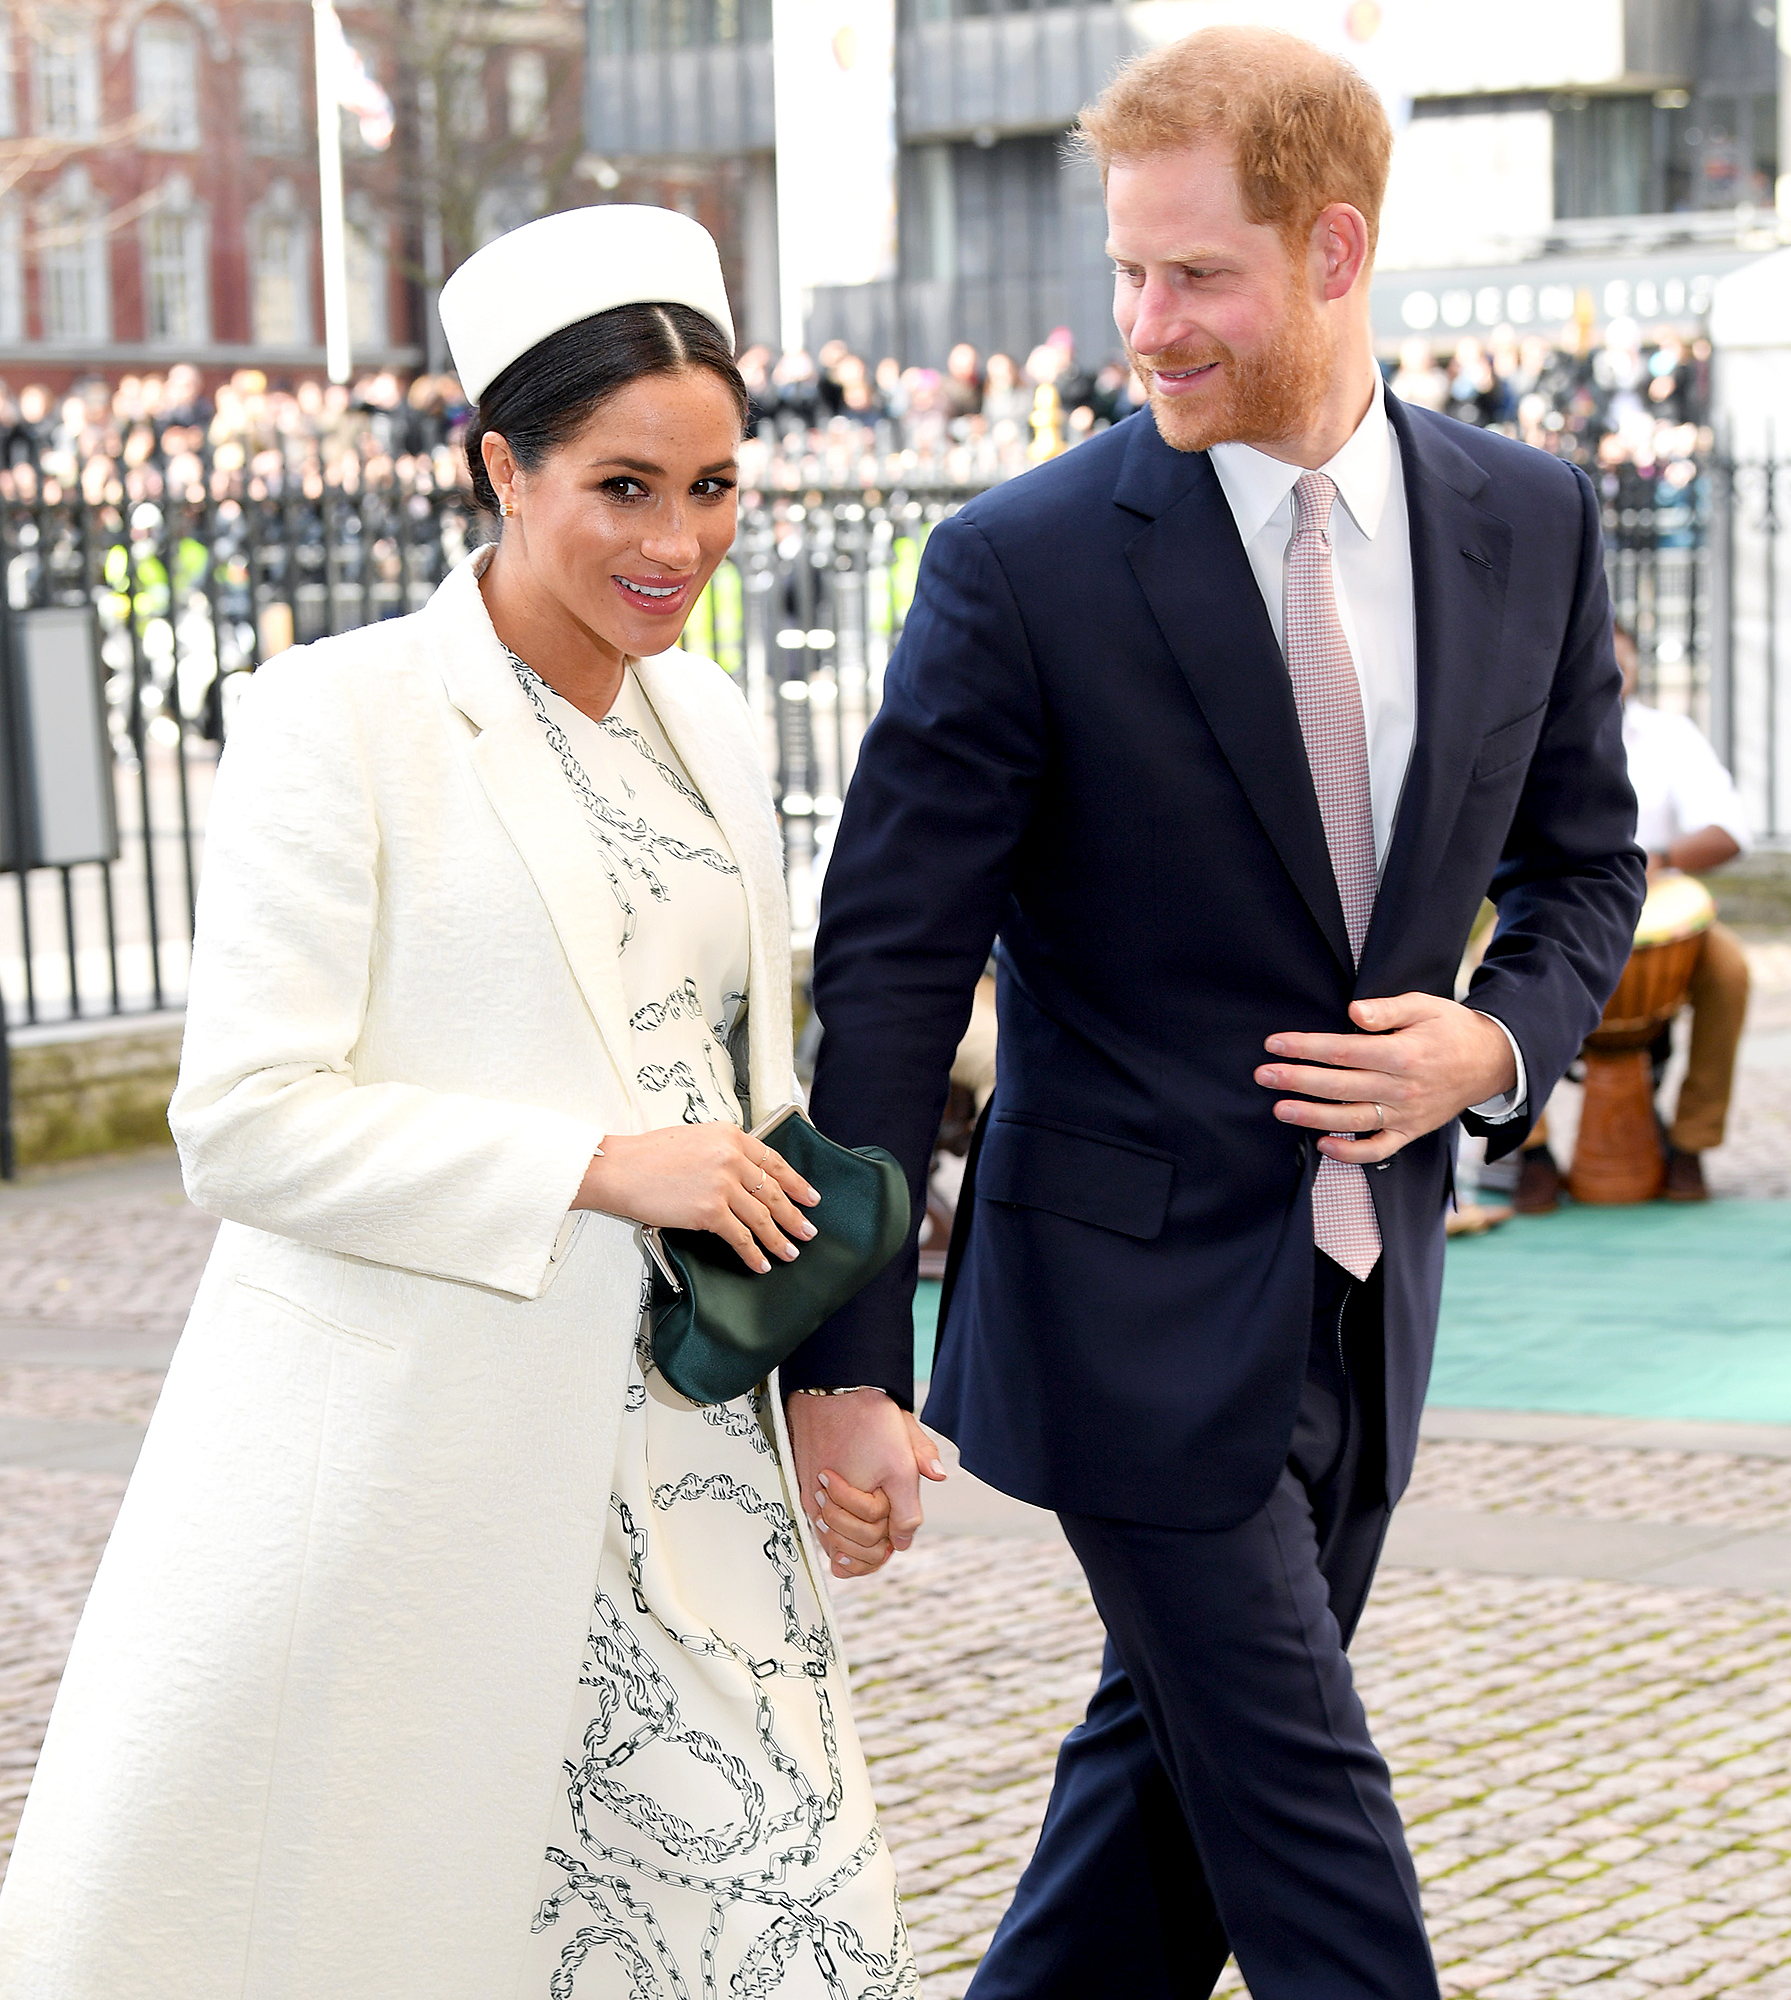 Queen's Former Spokesman Calls Meghan's Baby Shower 'Over